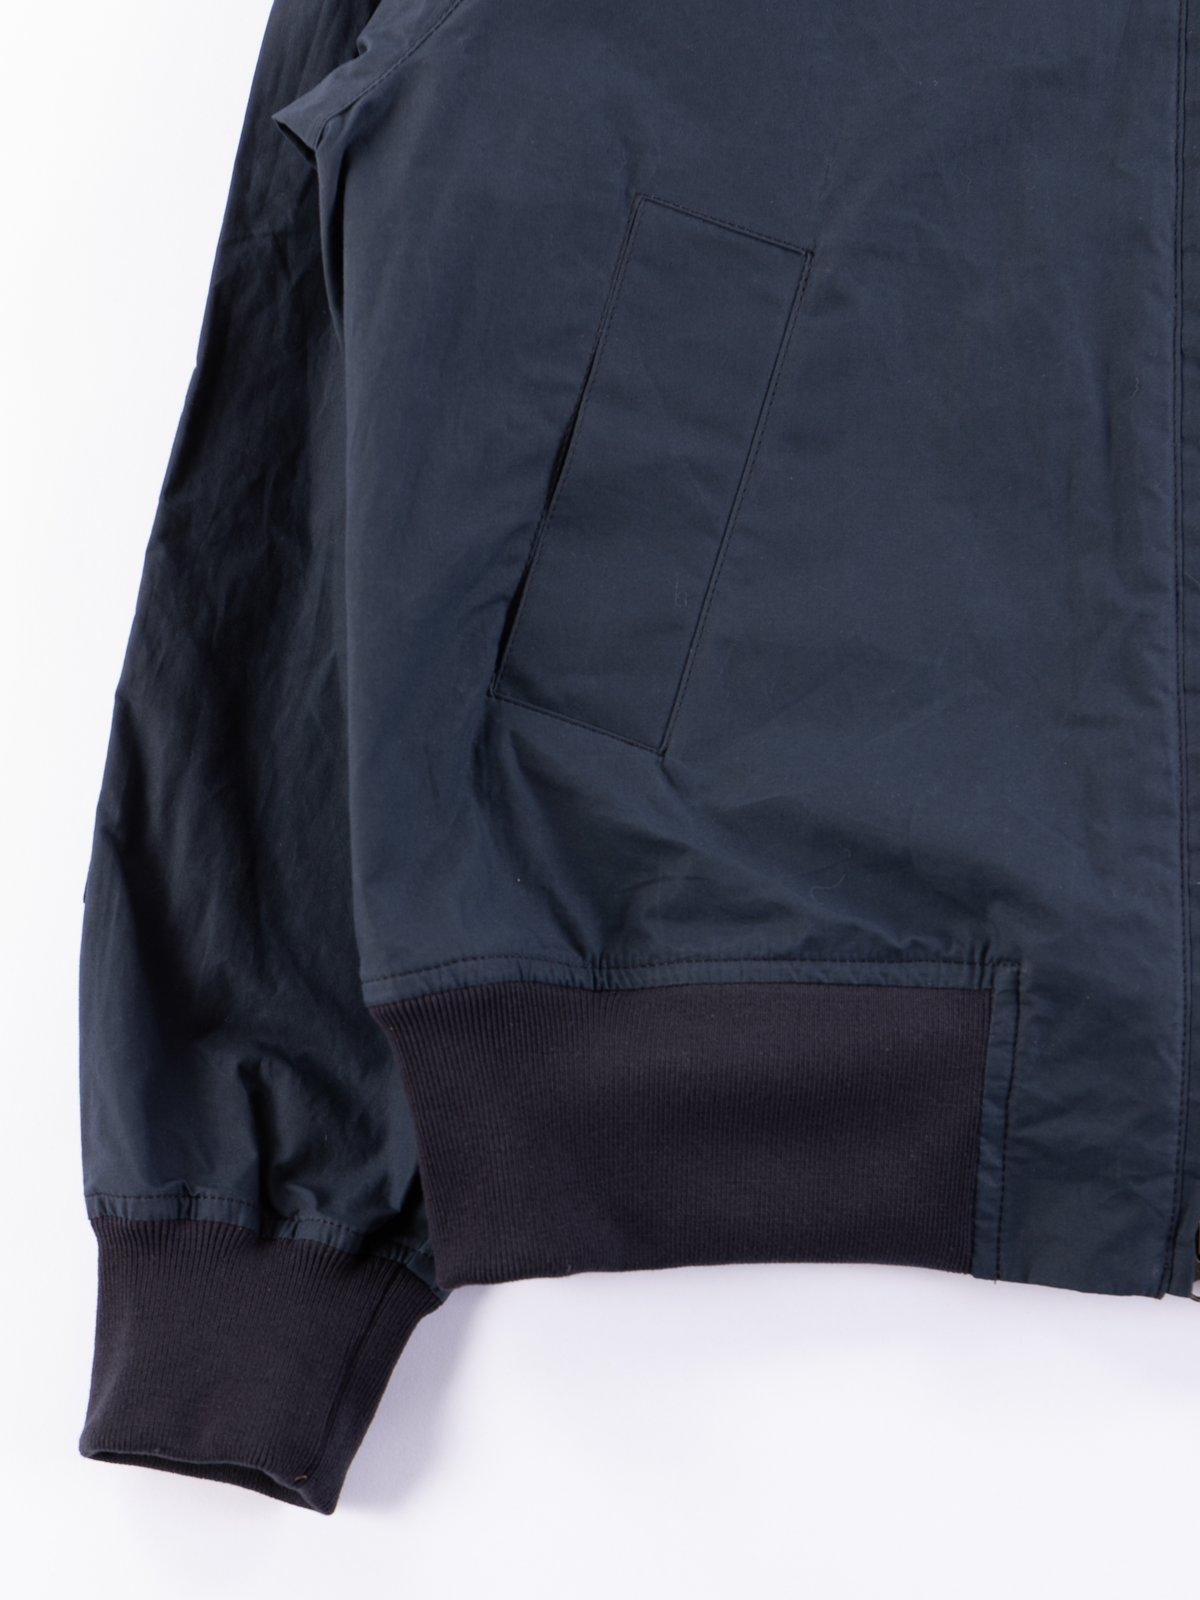 Navy Irving Jacket - Image 3